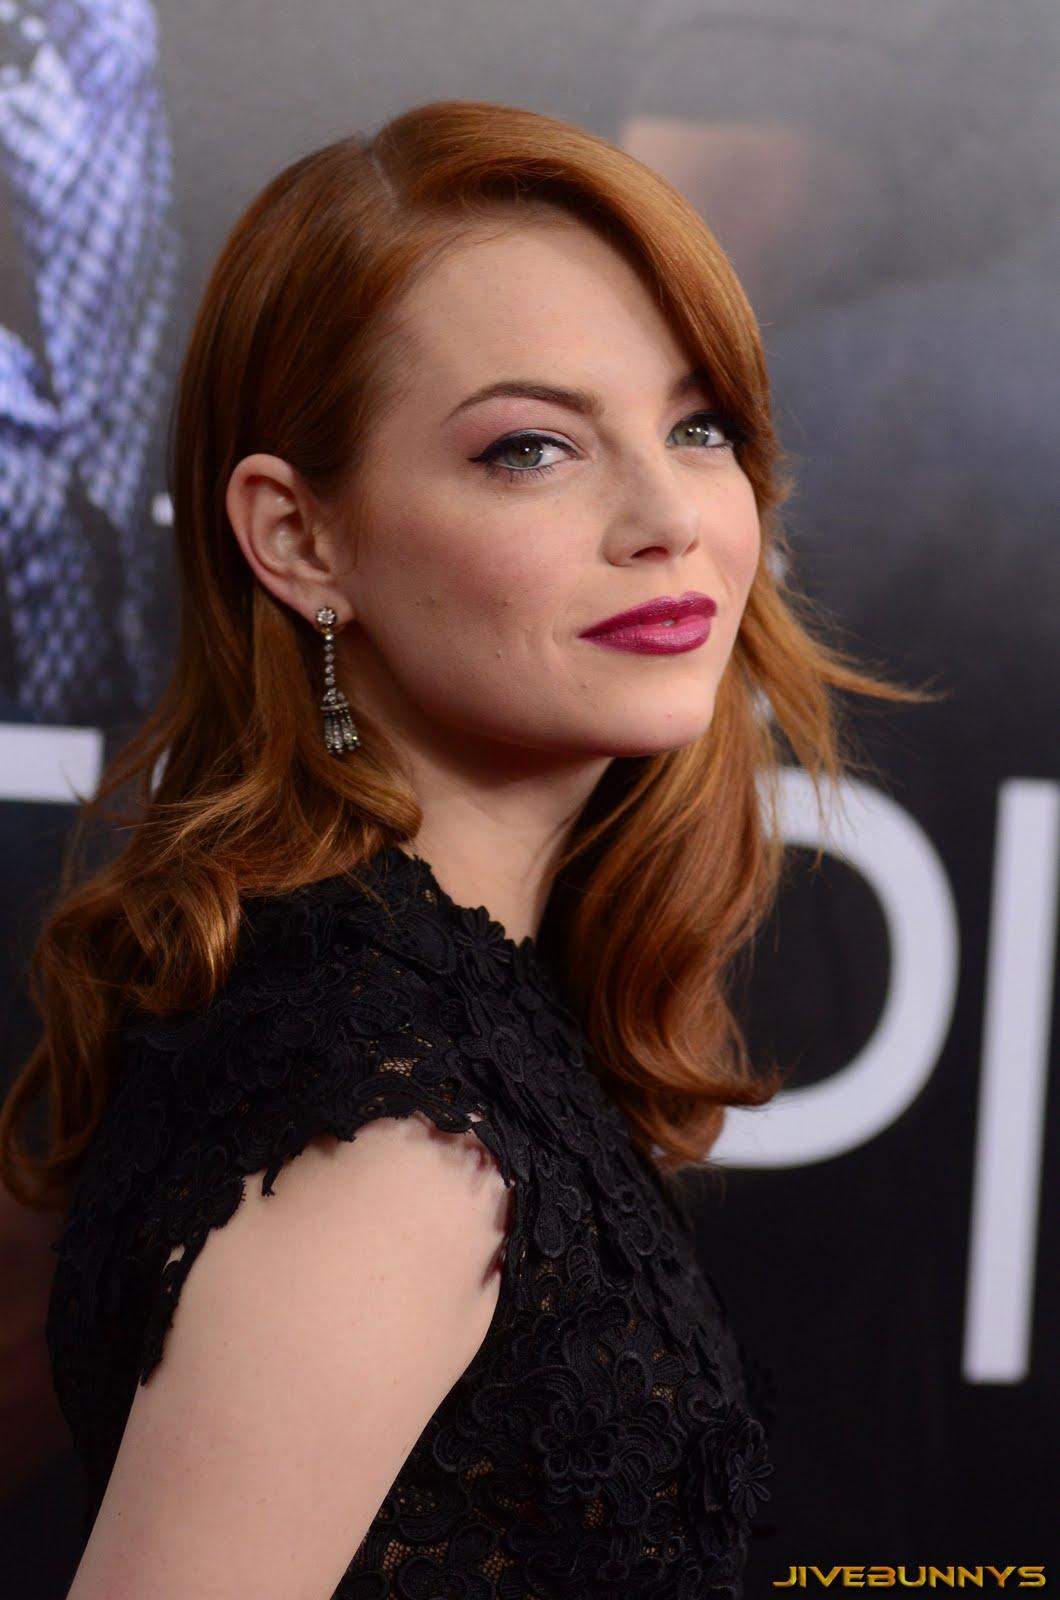 http://3.bp.blogspot.com/-XBjV1old8Lw/Tio_uGAKLXI/AAAAAAACrnw/jLWu8_tgK2M/s1600/emma-stone-celebrity-43.jpg